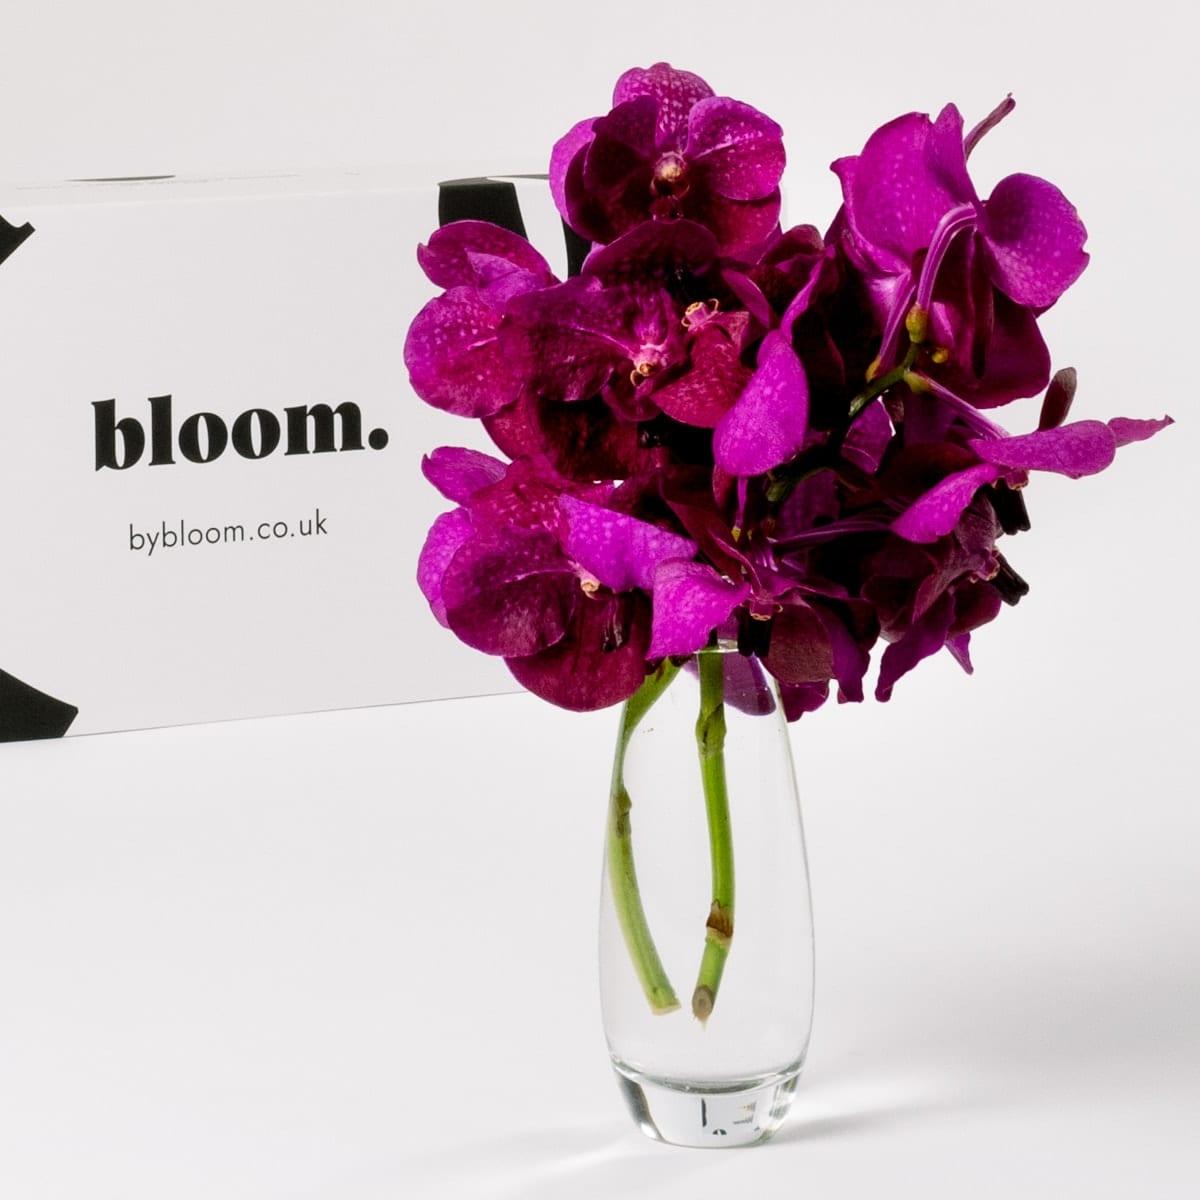 Bloom Flower Delivery | Cerise Pink Vanda Orchid